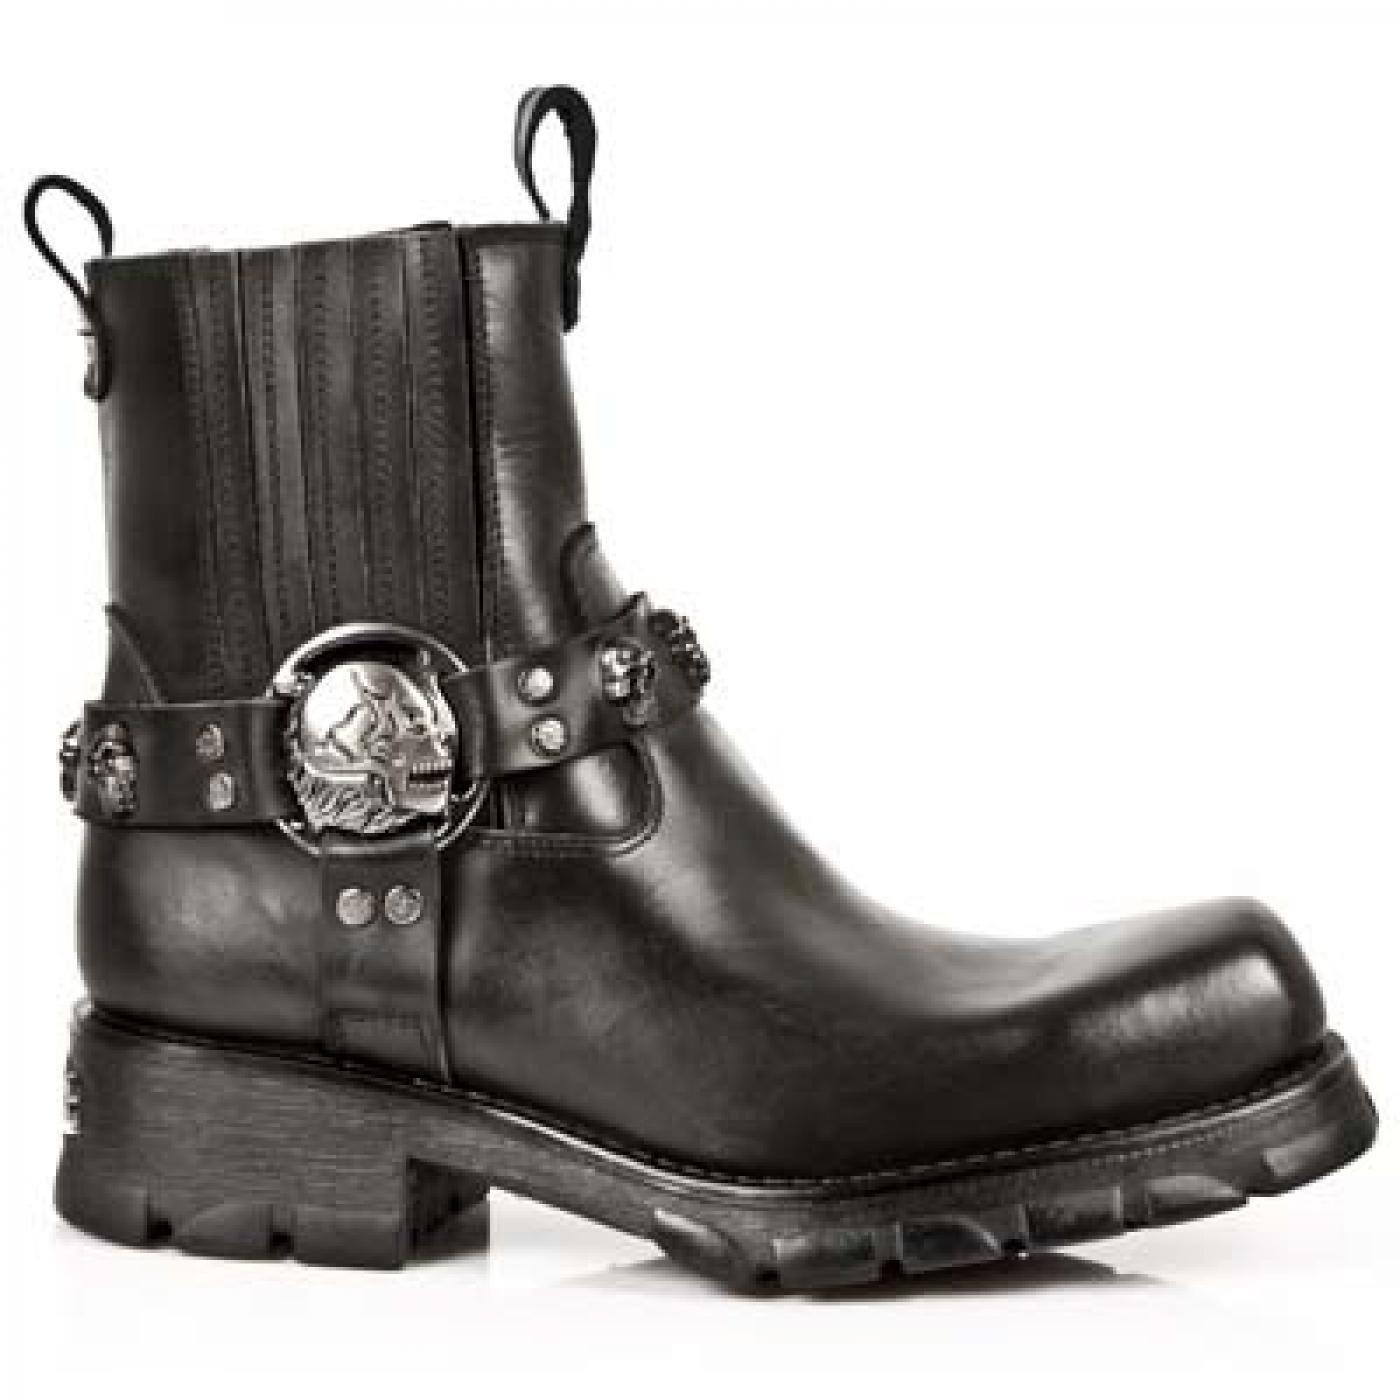 New Rock Herren M 7621 s1 Cowboystiefel  Schwarz Black